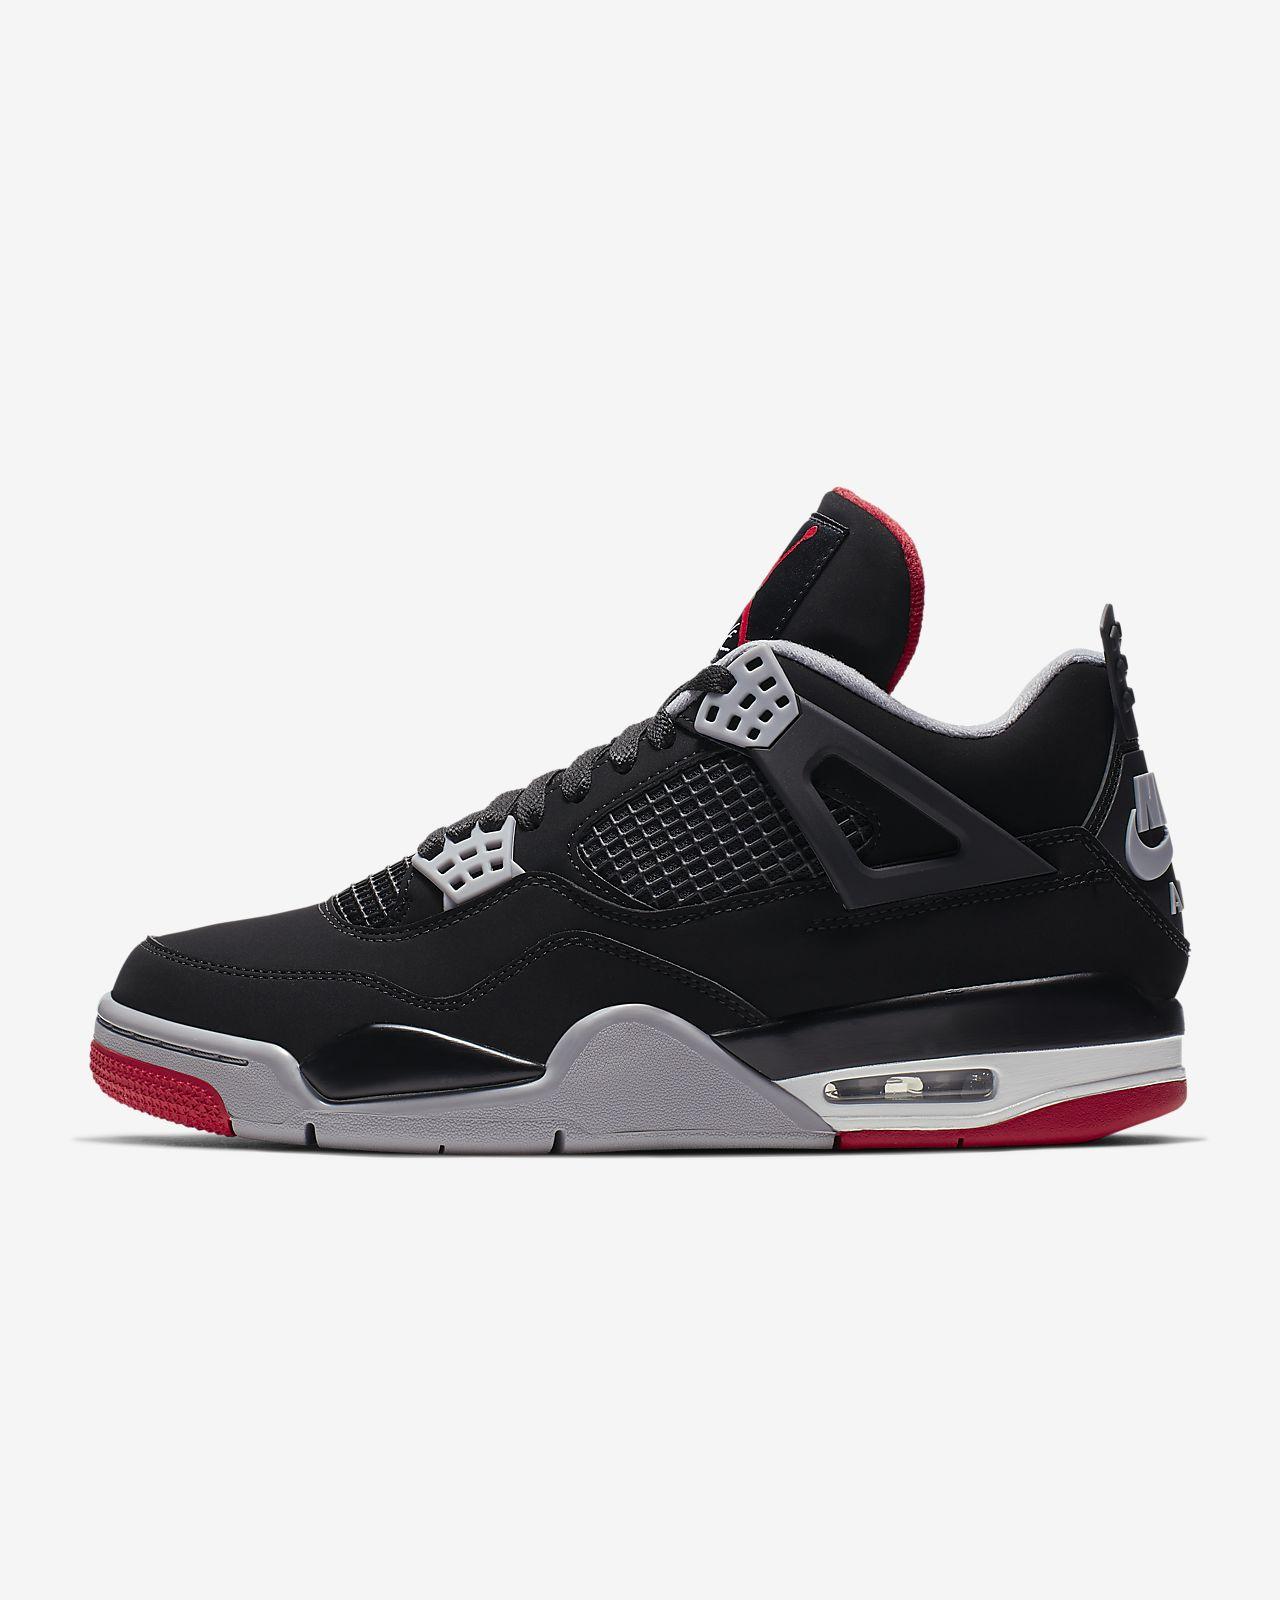 Sko Air Jordan 4 Retro för män